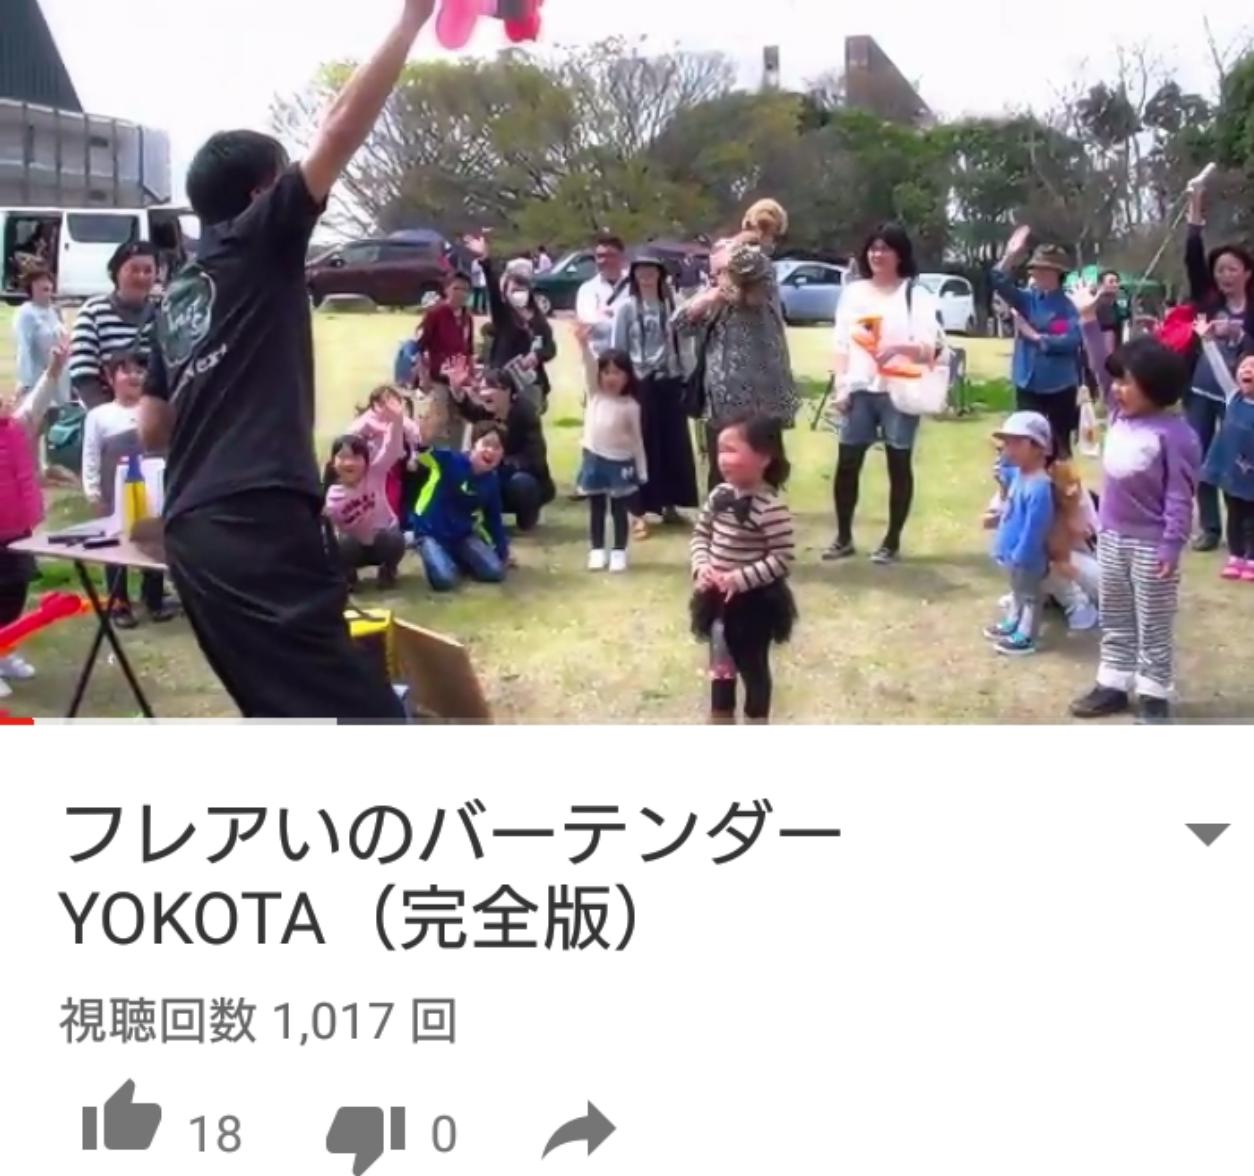 カラーコーンで世界記録に挑戦‼:動画再生1000回達成!